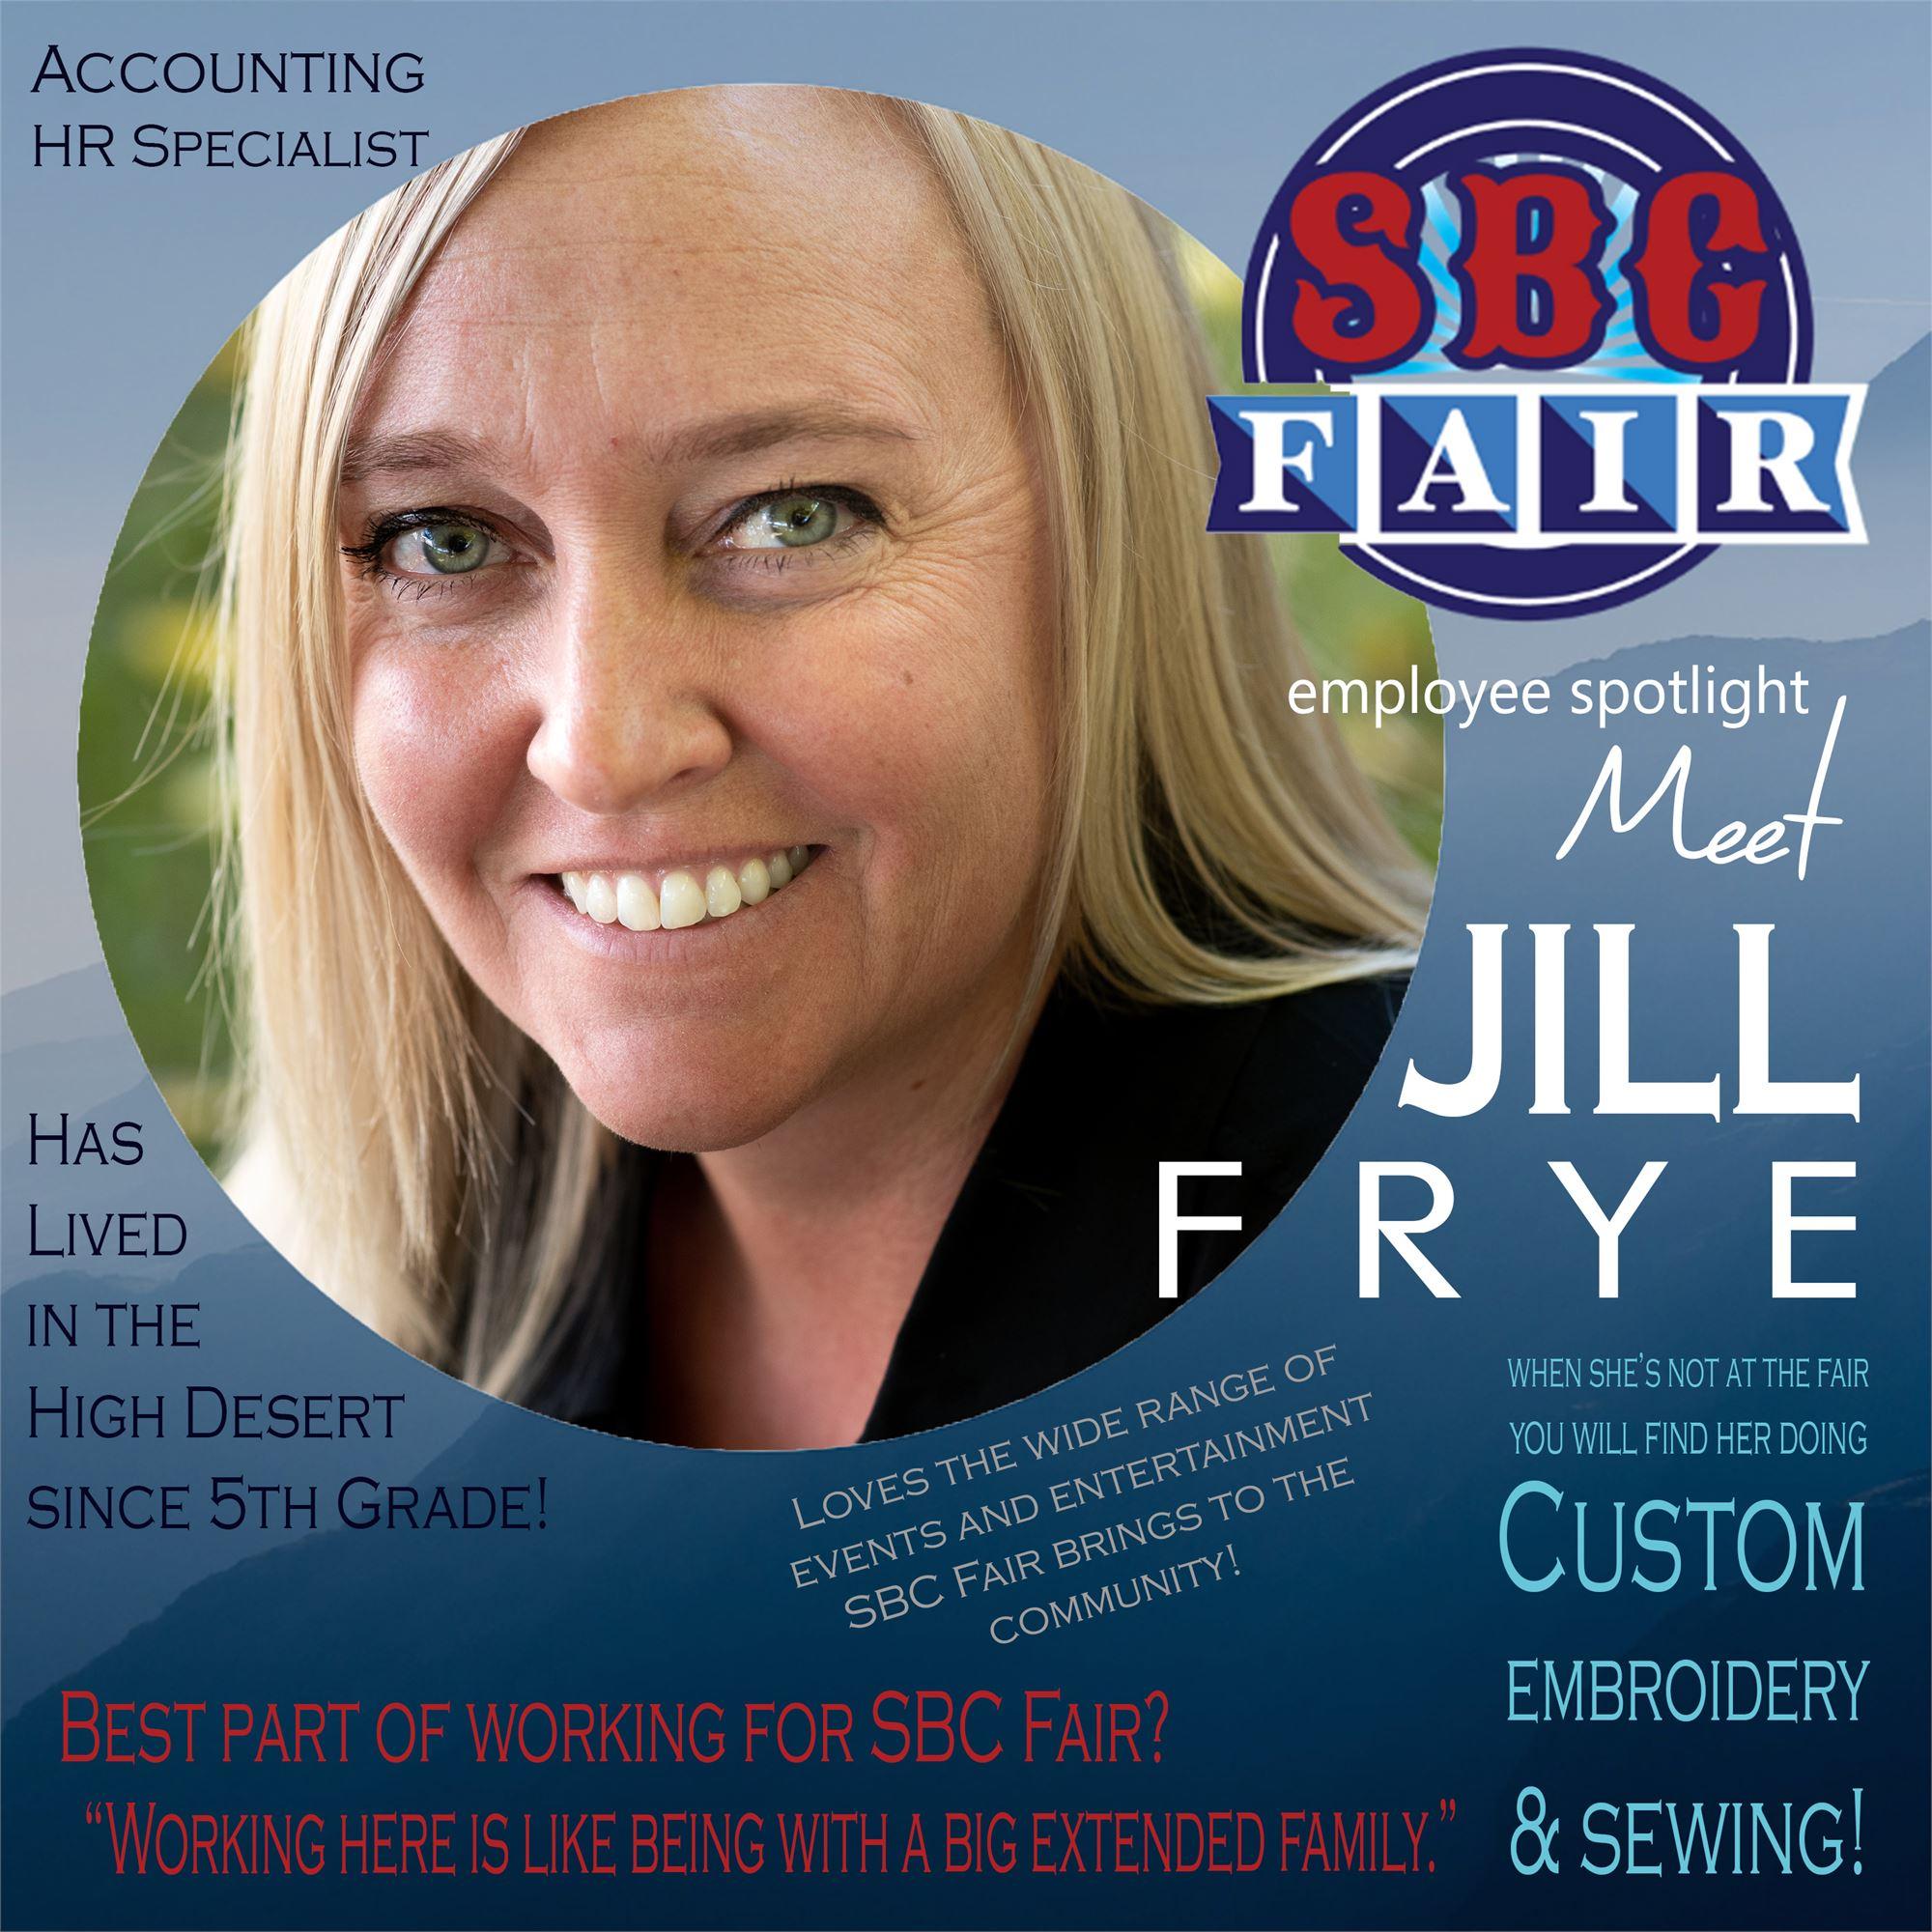 Jill Frye